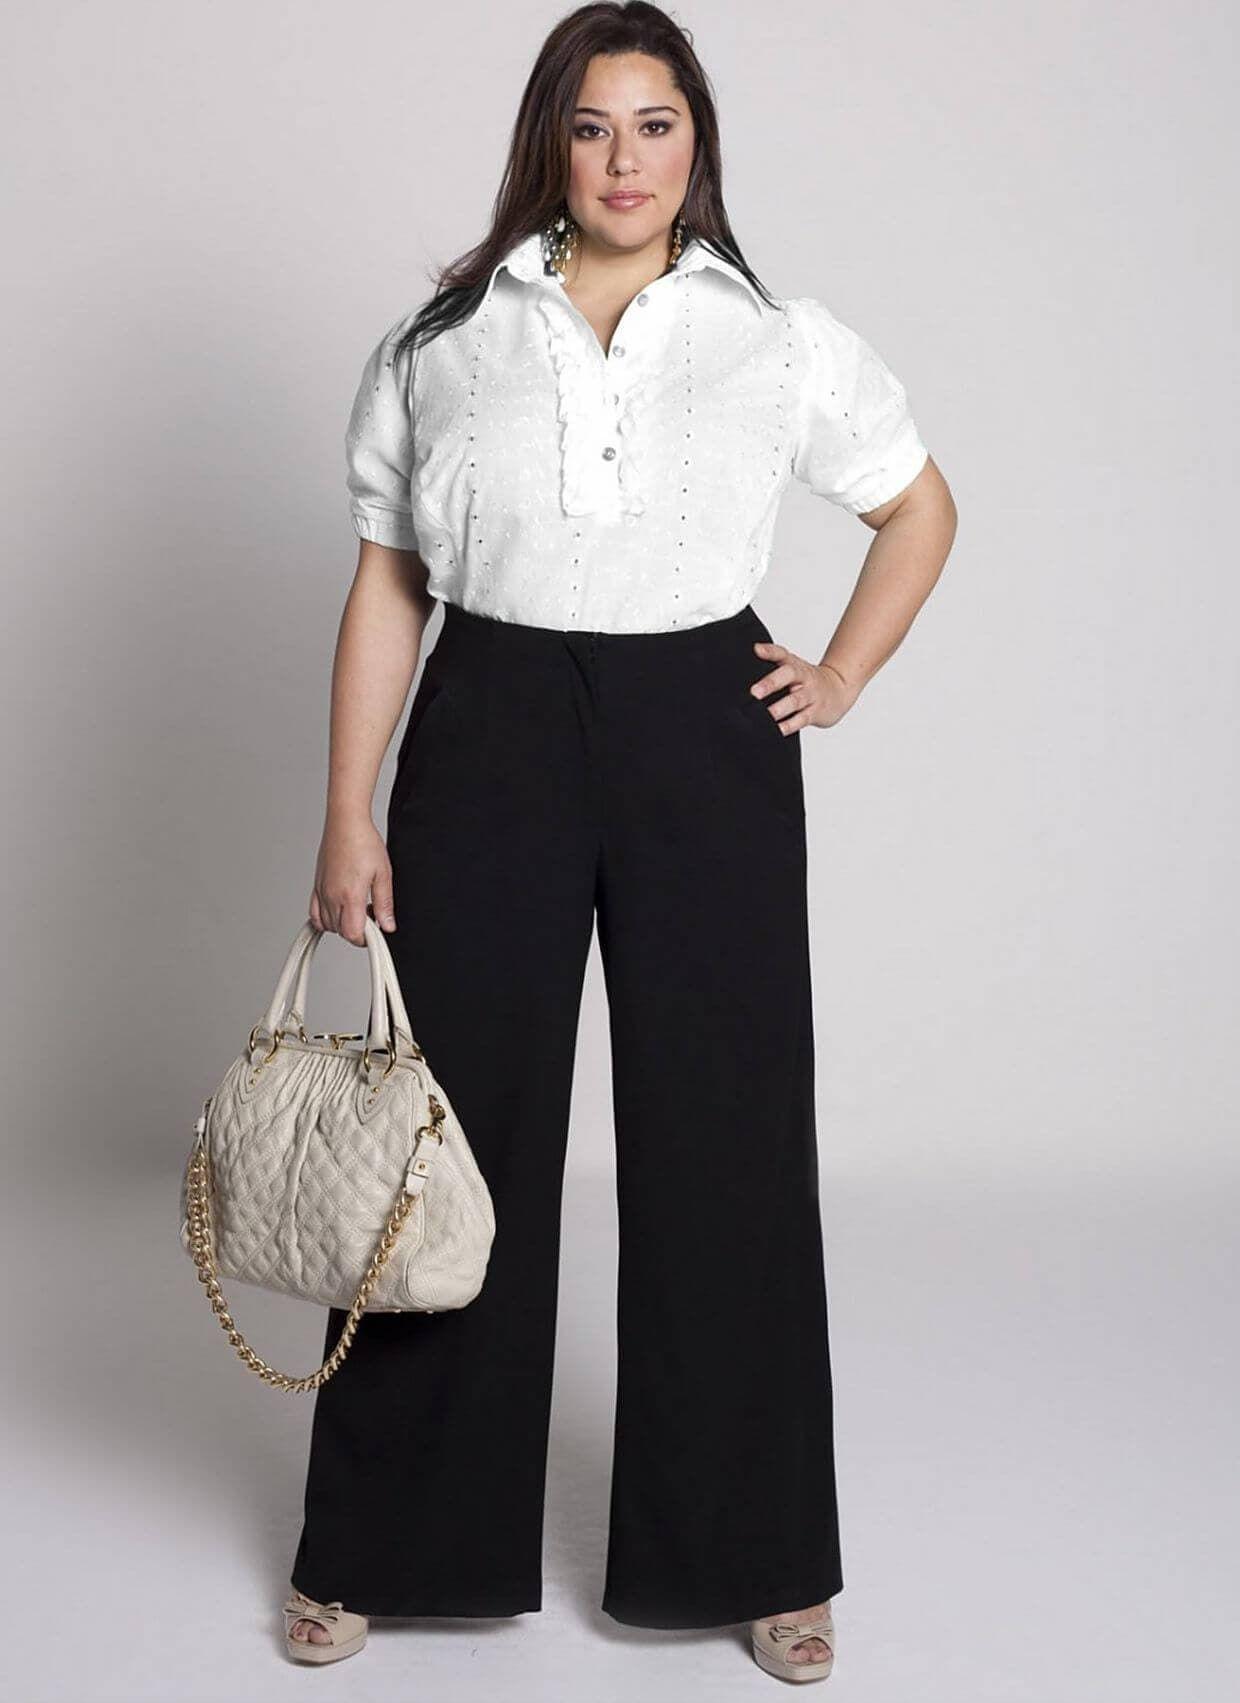 4 идеальные модели брюк для женщин с пышными бёдрами